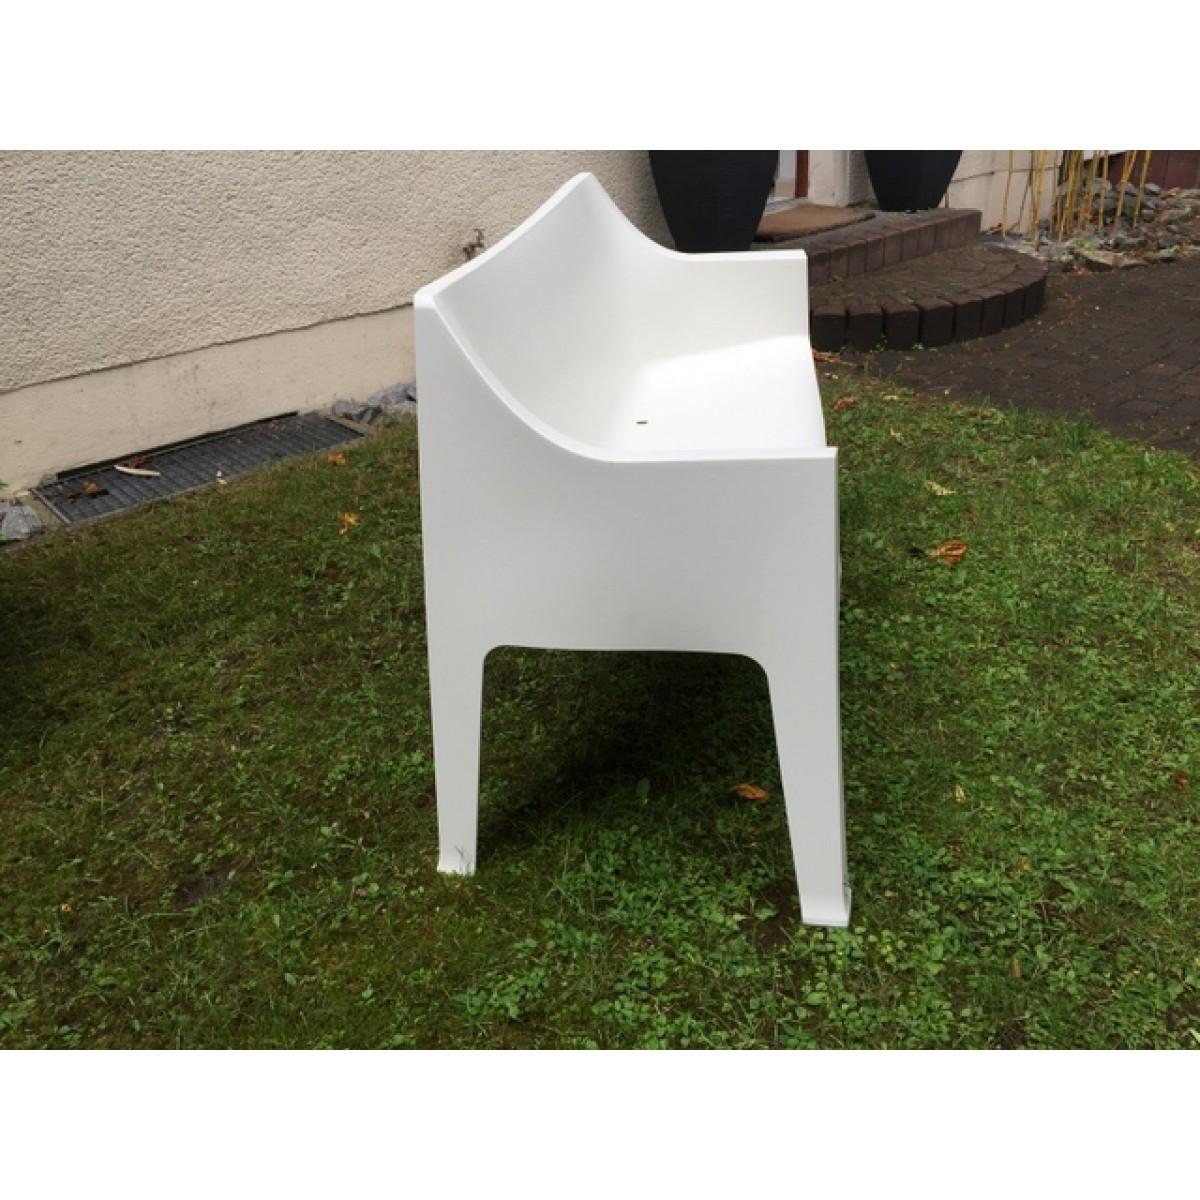 Gartenbank weiß, Sofa Kunststoff, Outdoor- Bank weiß